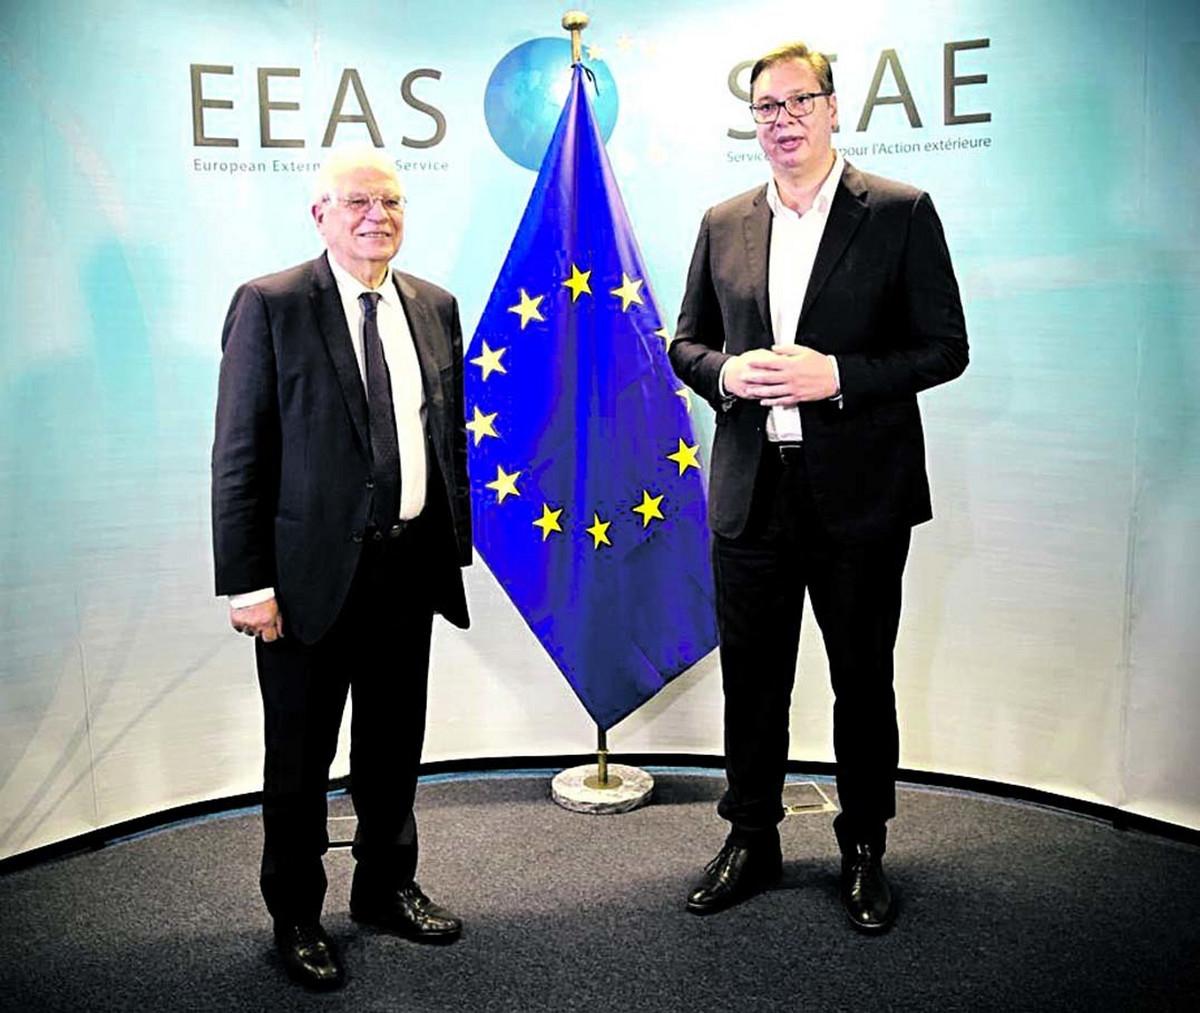 NOVO ISTRAŽIVANJE CESID-A Raste podrška Srba pristupanju EU, ideja RAZGRANIČENJA gubi pristalice, u NATO NI ZA ŽIVU GLAVU!